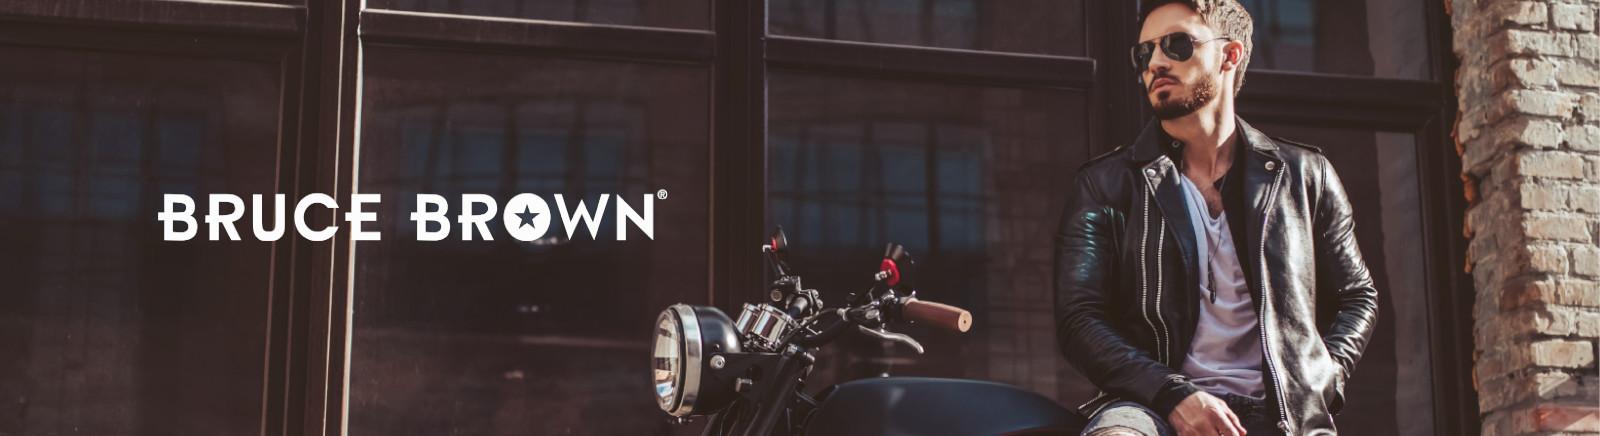 Bruce Brown Markenschuhe online entdecken im Juppen Shop